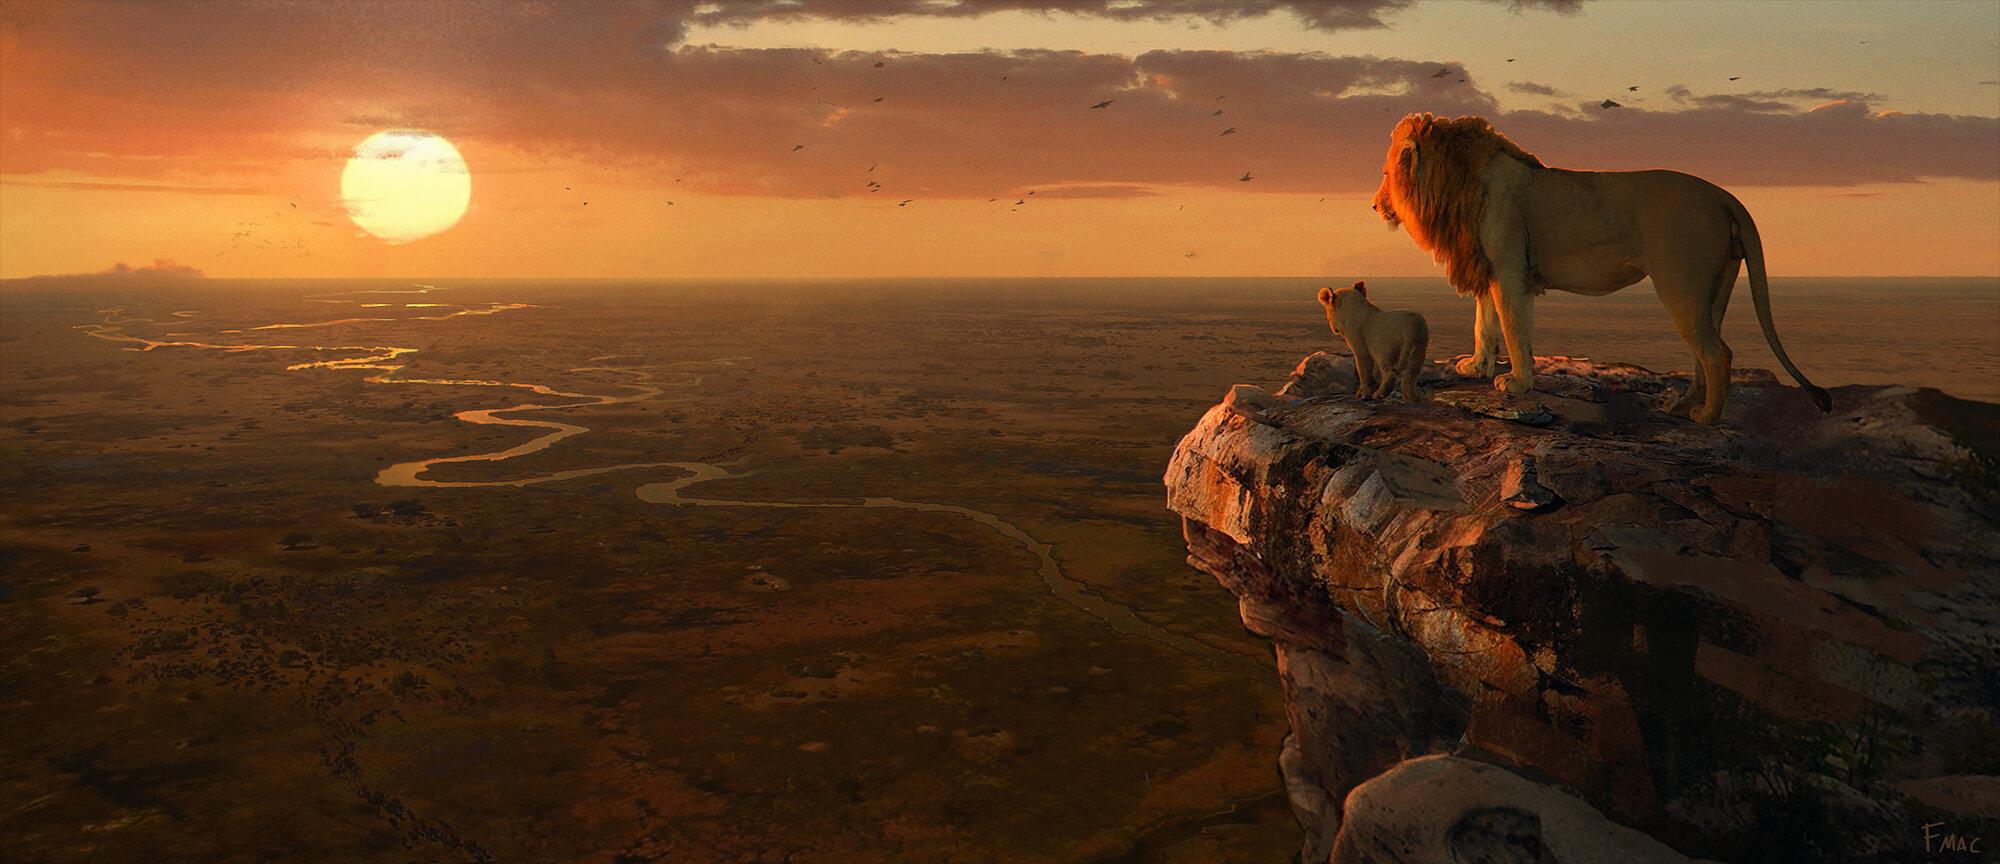 Lion King 2019 Concept Art Finnian Macmanus